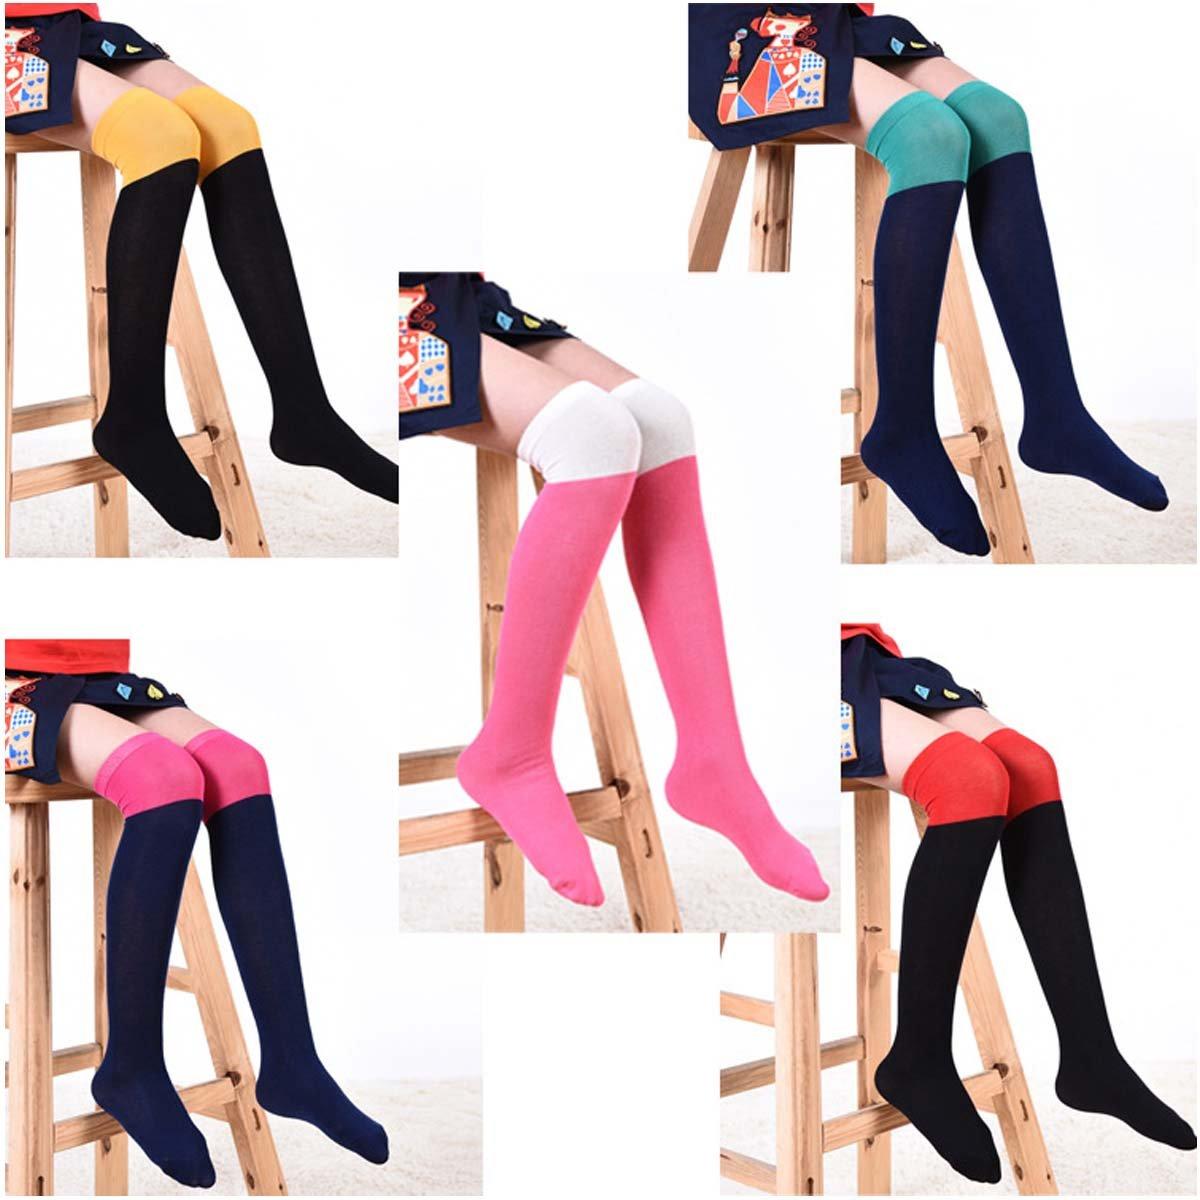 fygood–Lote de 5pares pantimedias calcetines altas niño Niña Multicolors longitud: 48cm